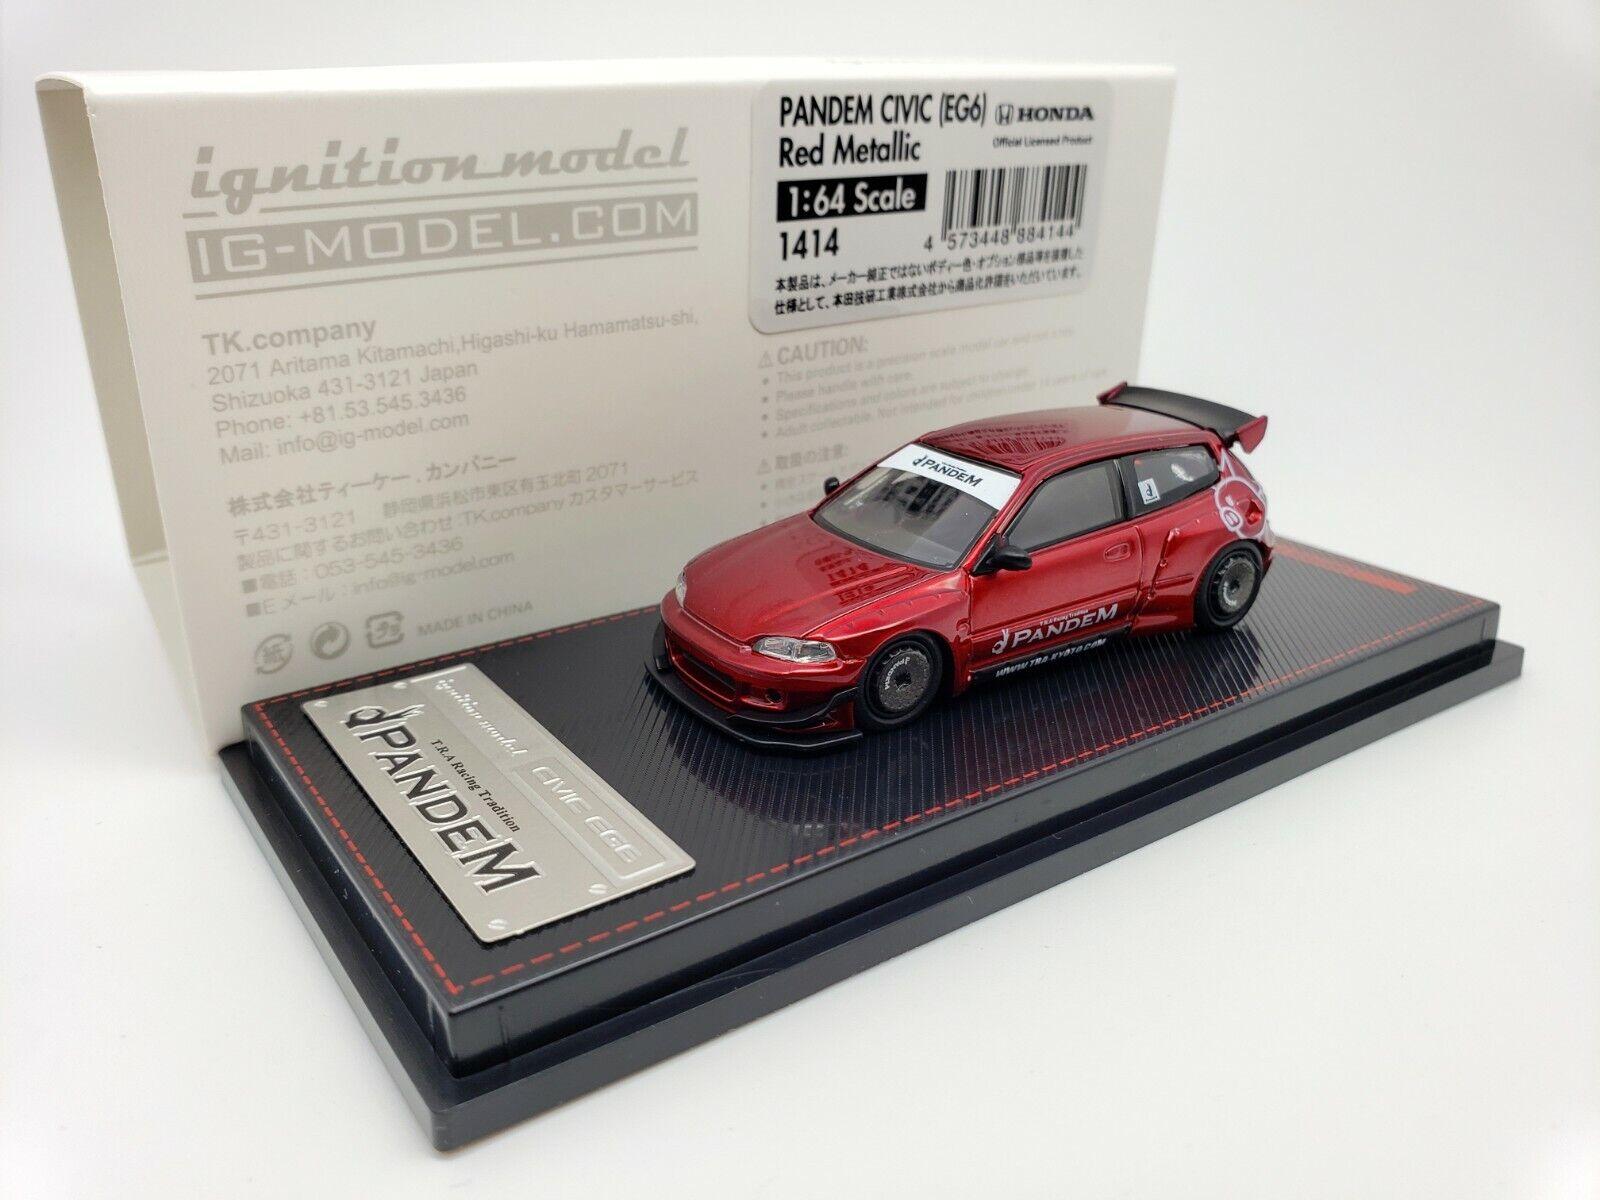 1 64 Ignición Honda Civic EG6 pandem Rojo Metálico IG1414 Tarmac funciona Exclusivo